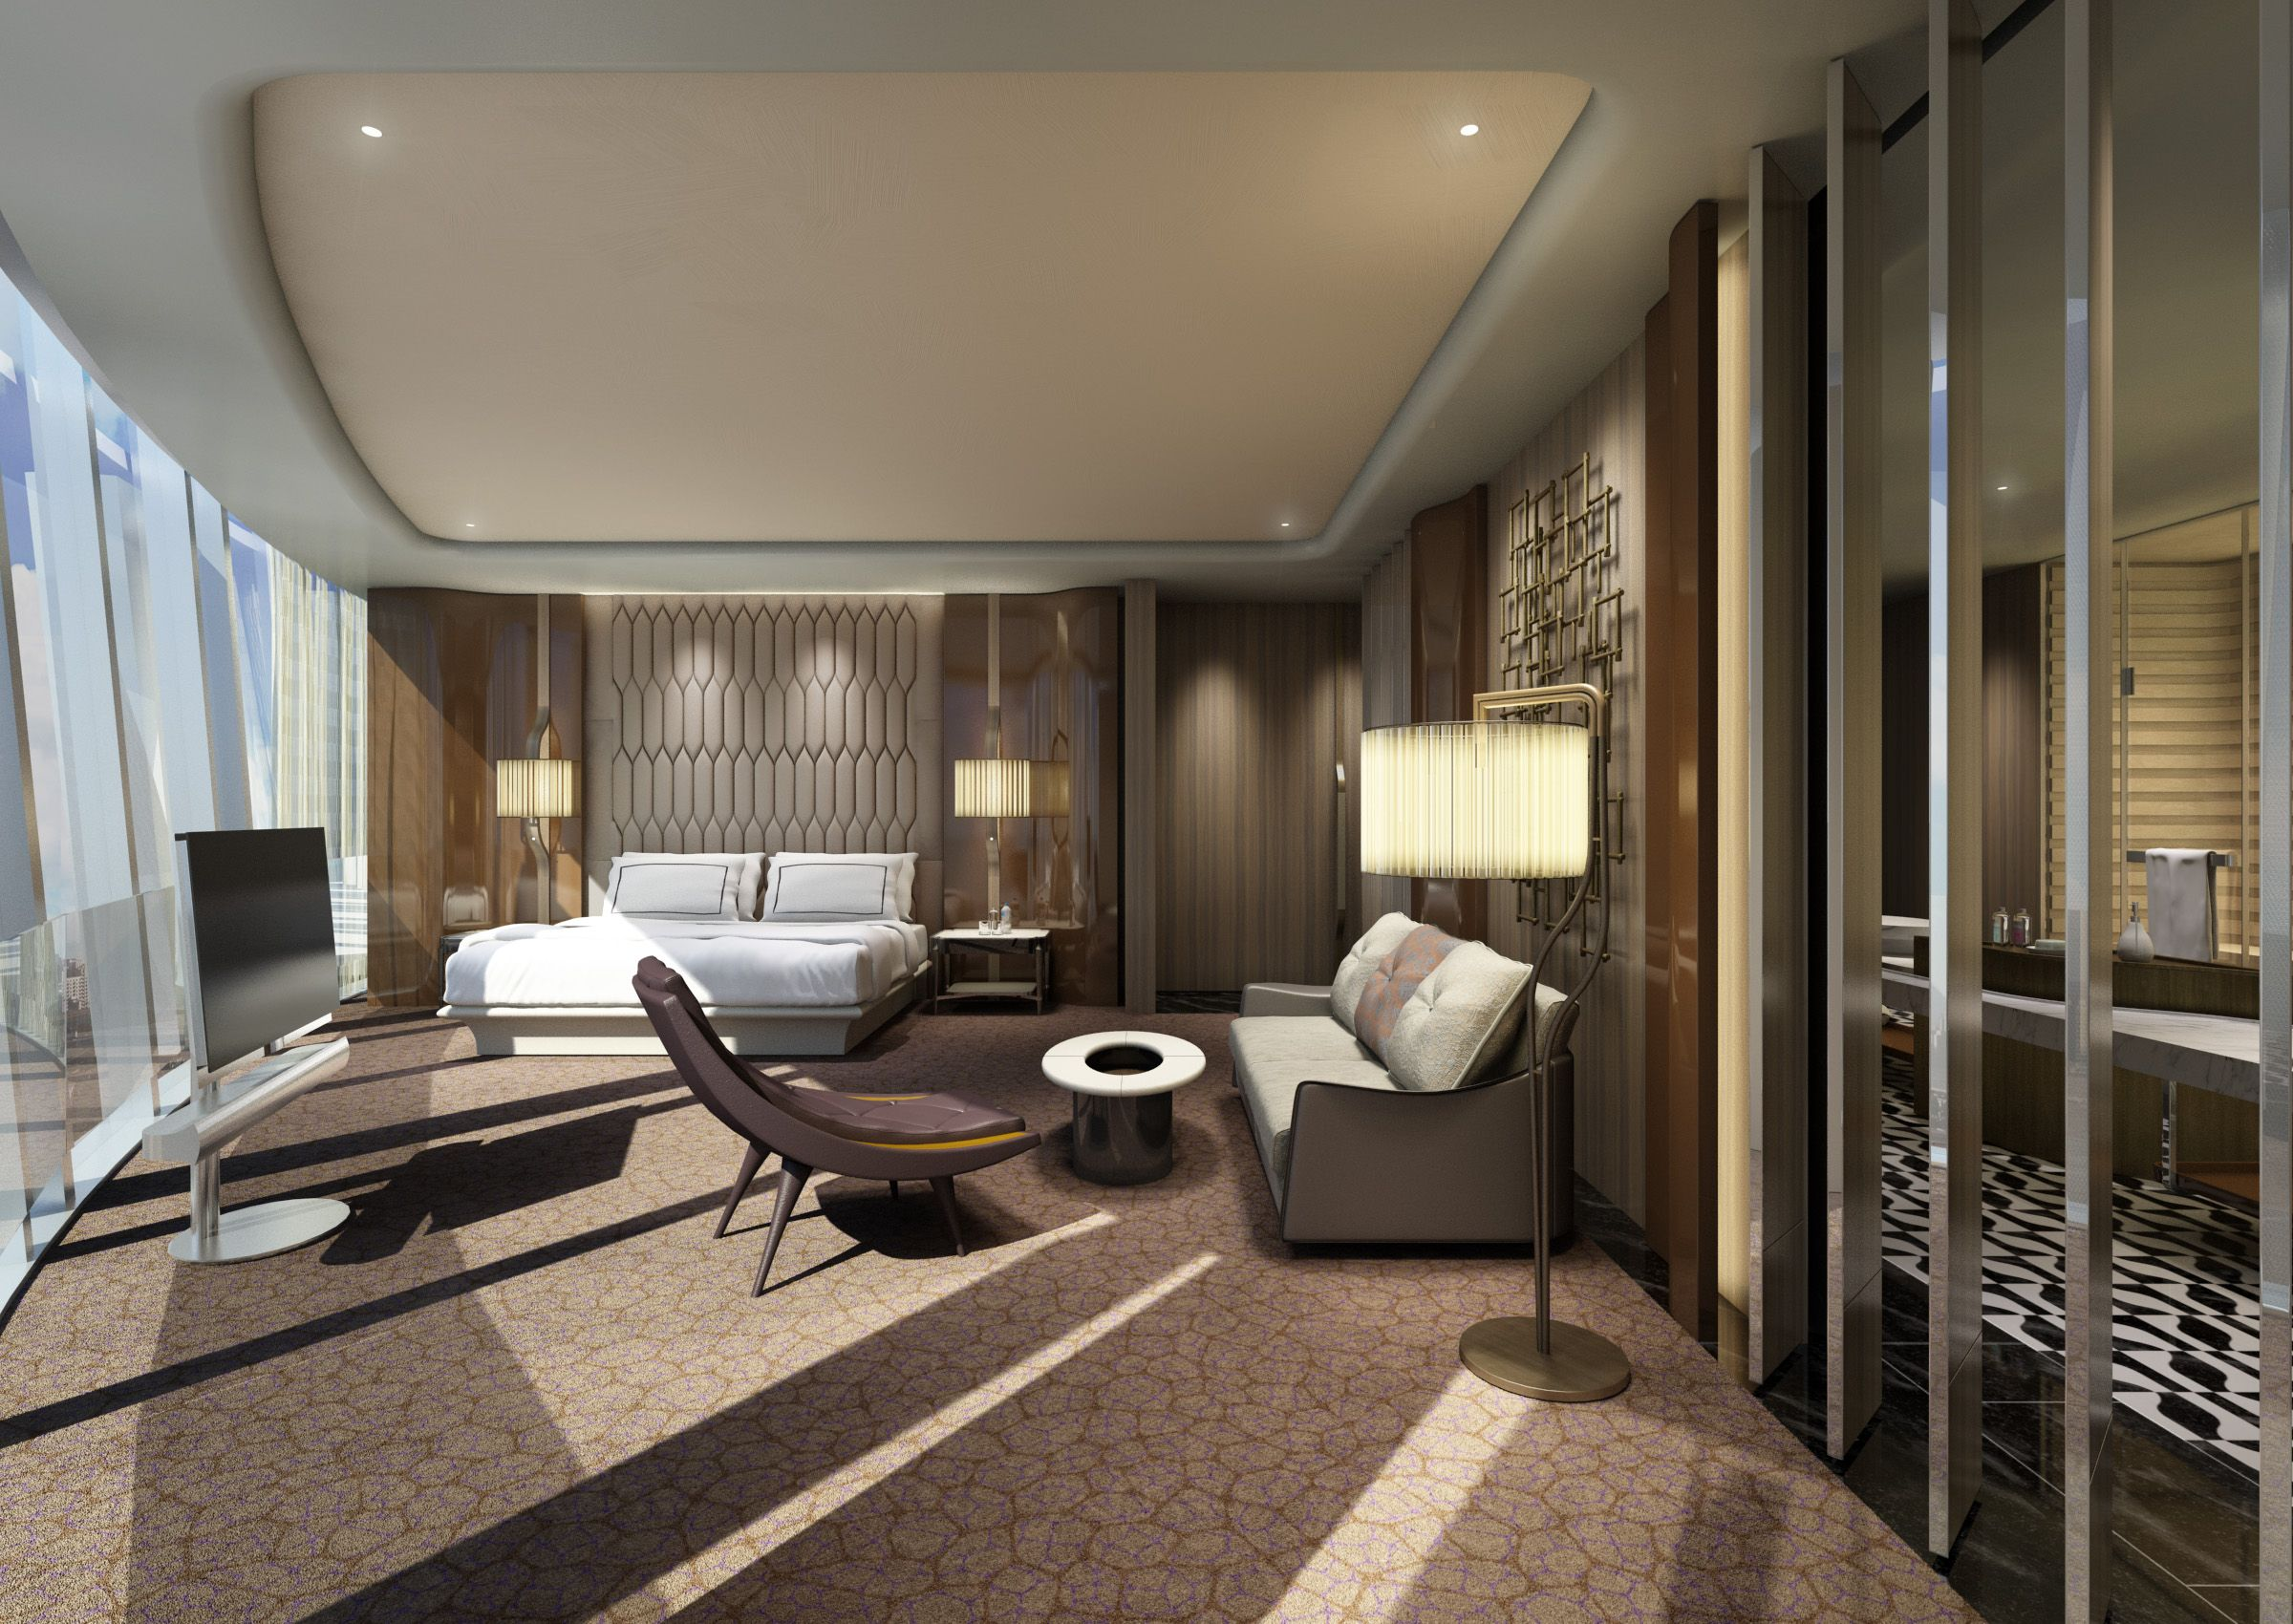 Conrad Hotel Hangzhou Ab Concept Interior Room Home Decor